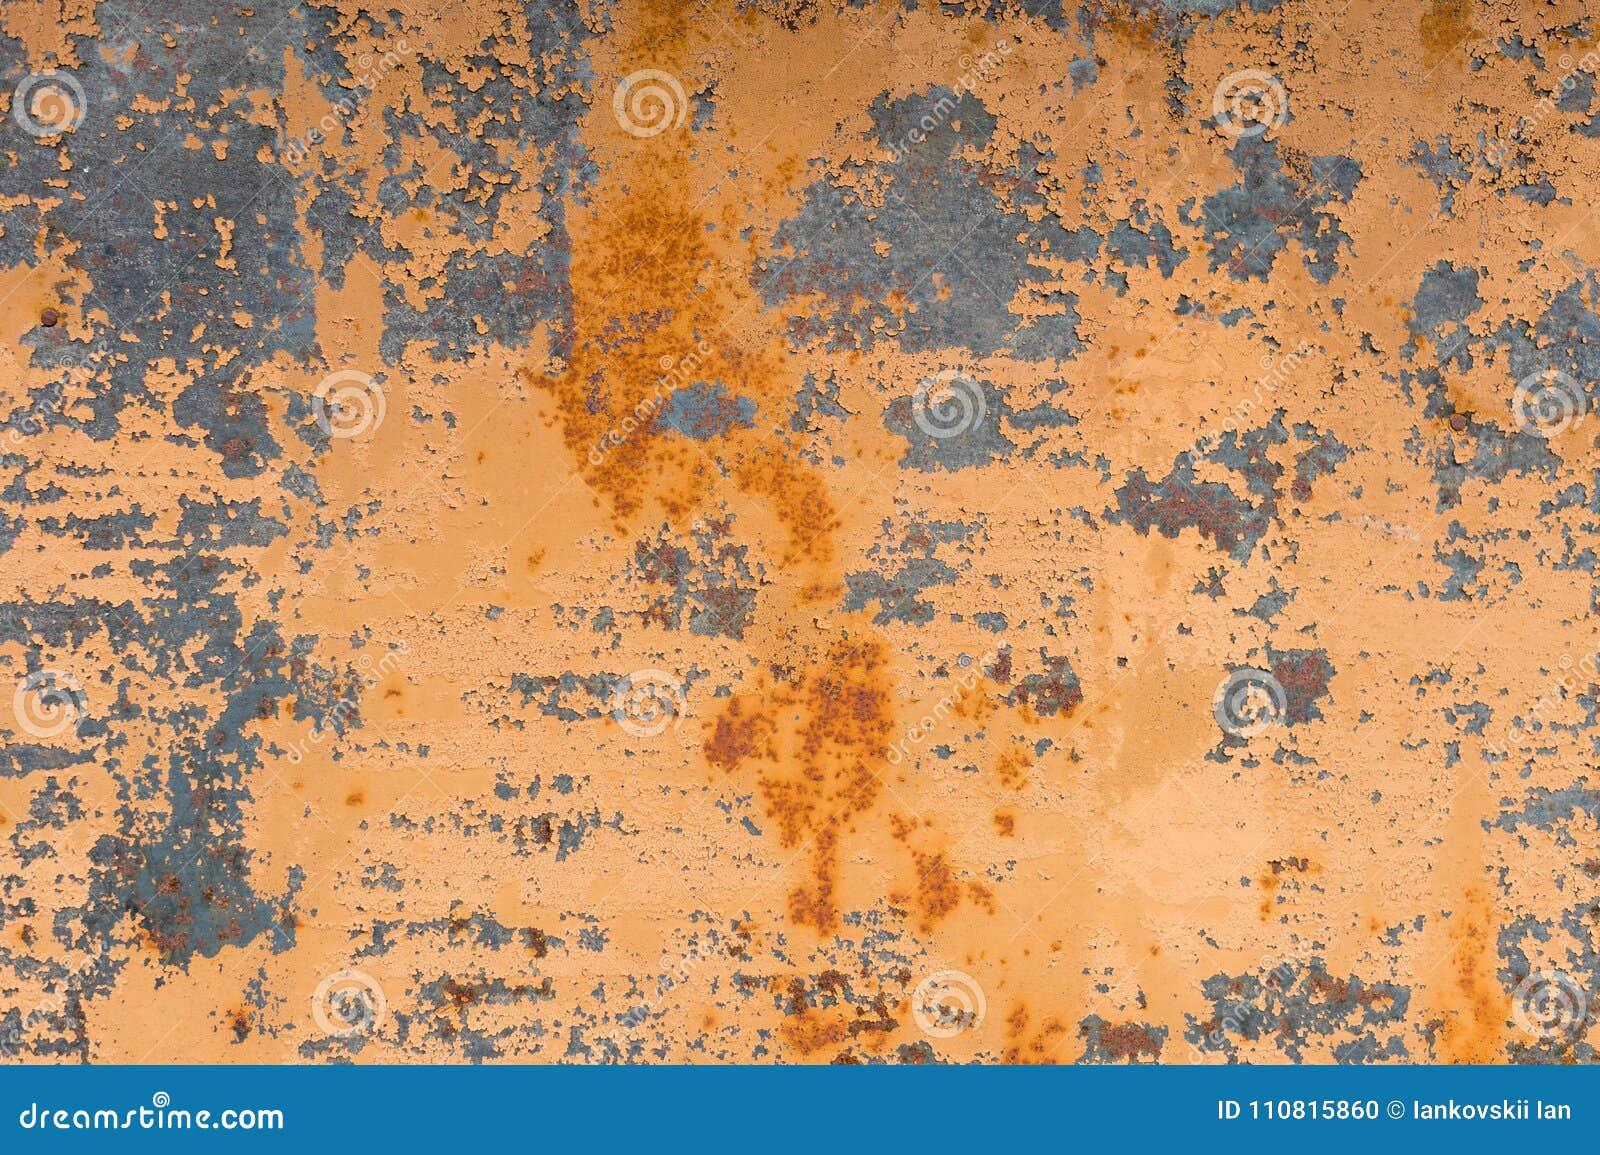 Geweven achtergrond van een langzaam verdwenen gele verf met geroeste barsten op geroest metaal Grungetextuur van een oud gebarst